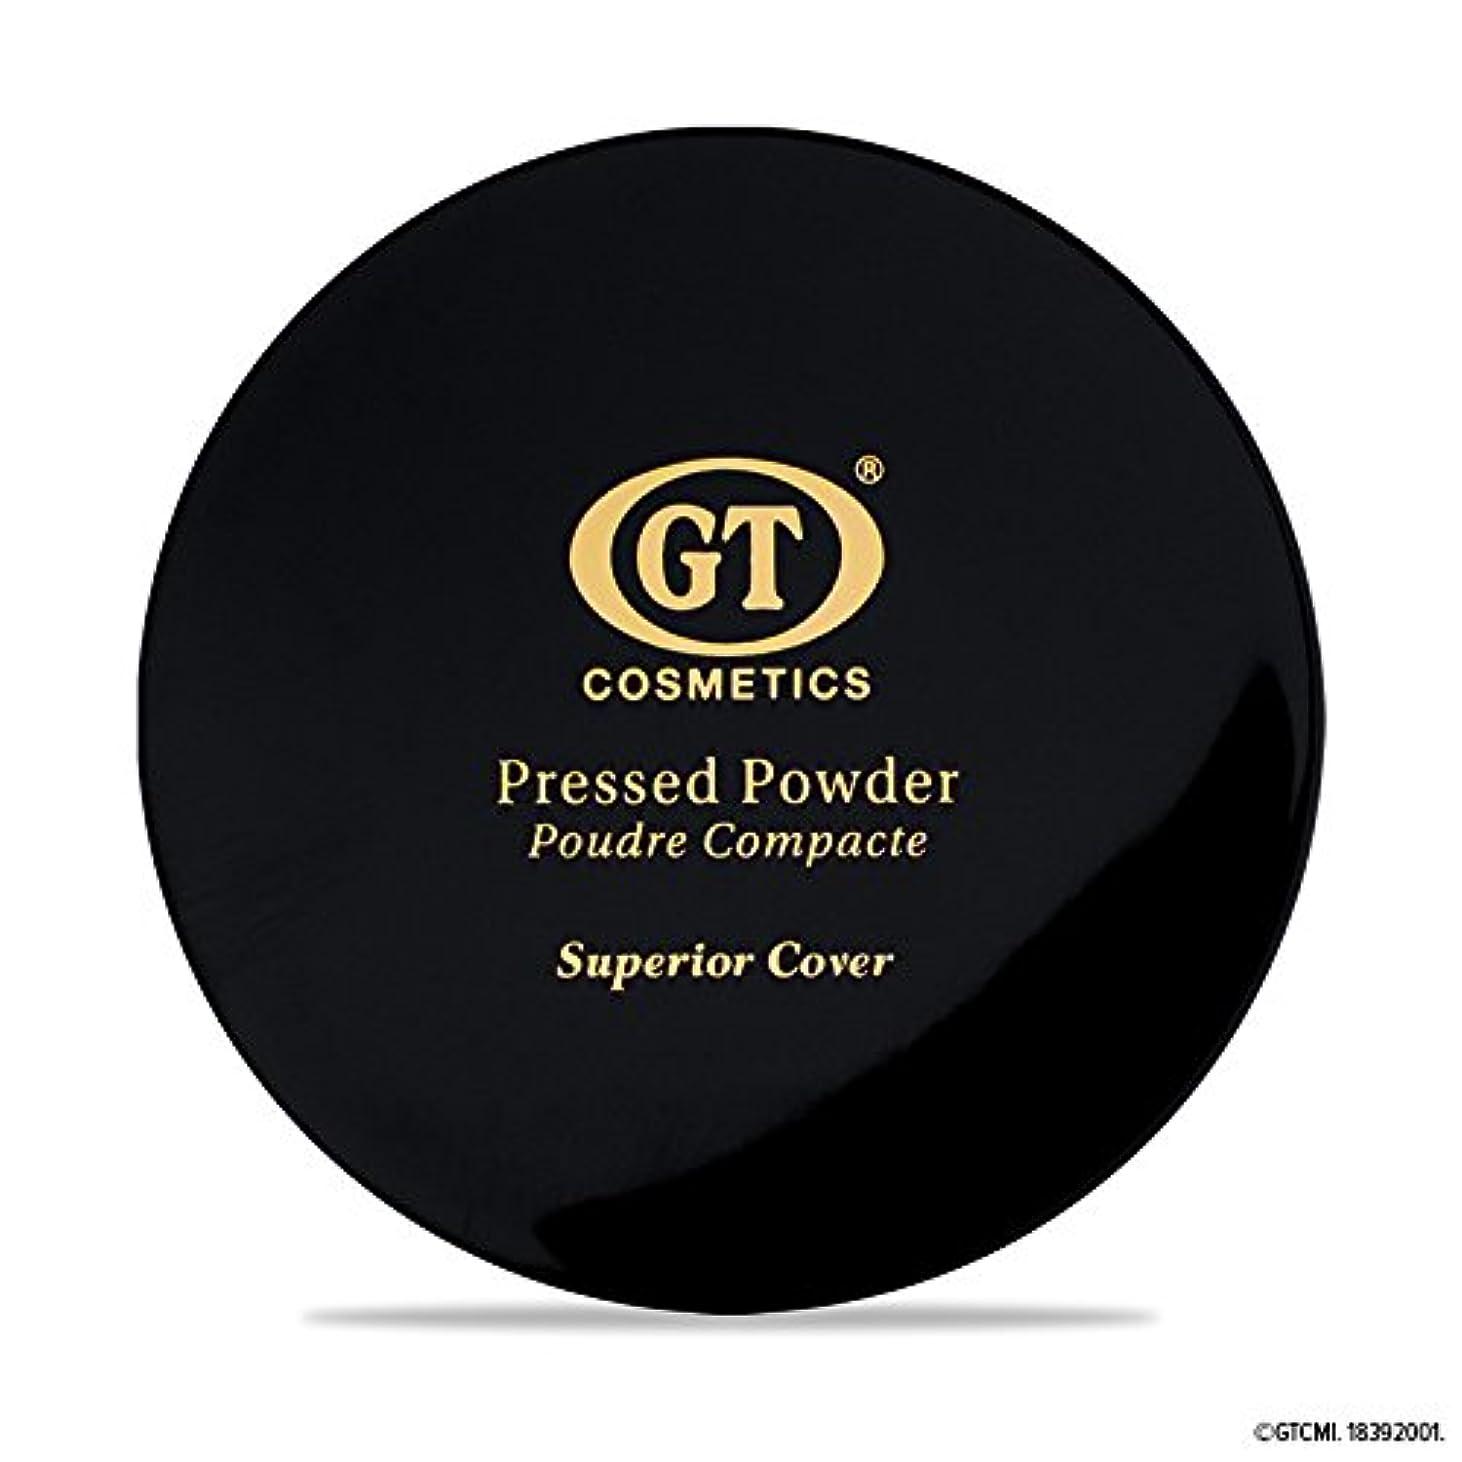 脅かす次へ目に見えるGTpressed powder ナチュラルベージュ SPF20 正規輸入代理店 日本初上陸 コスメティック オーガニック ファンデーション